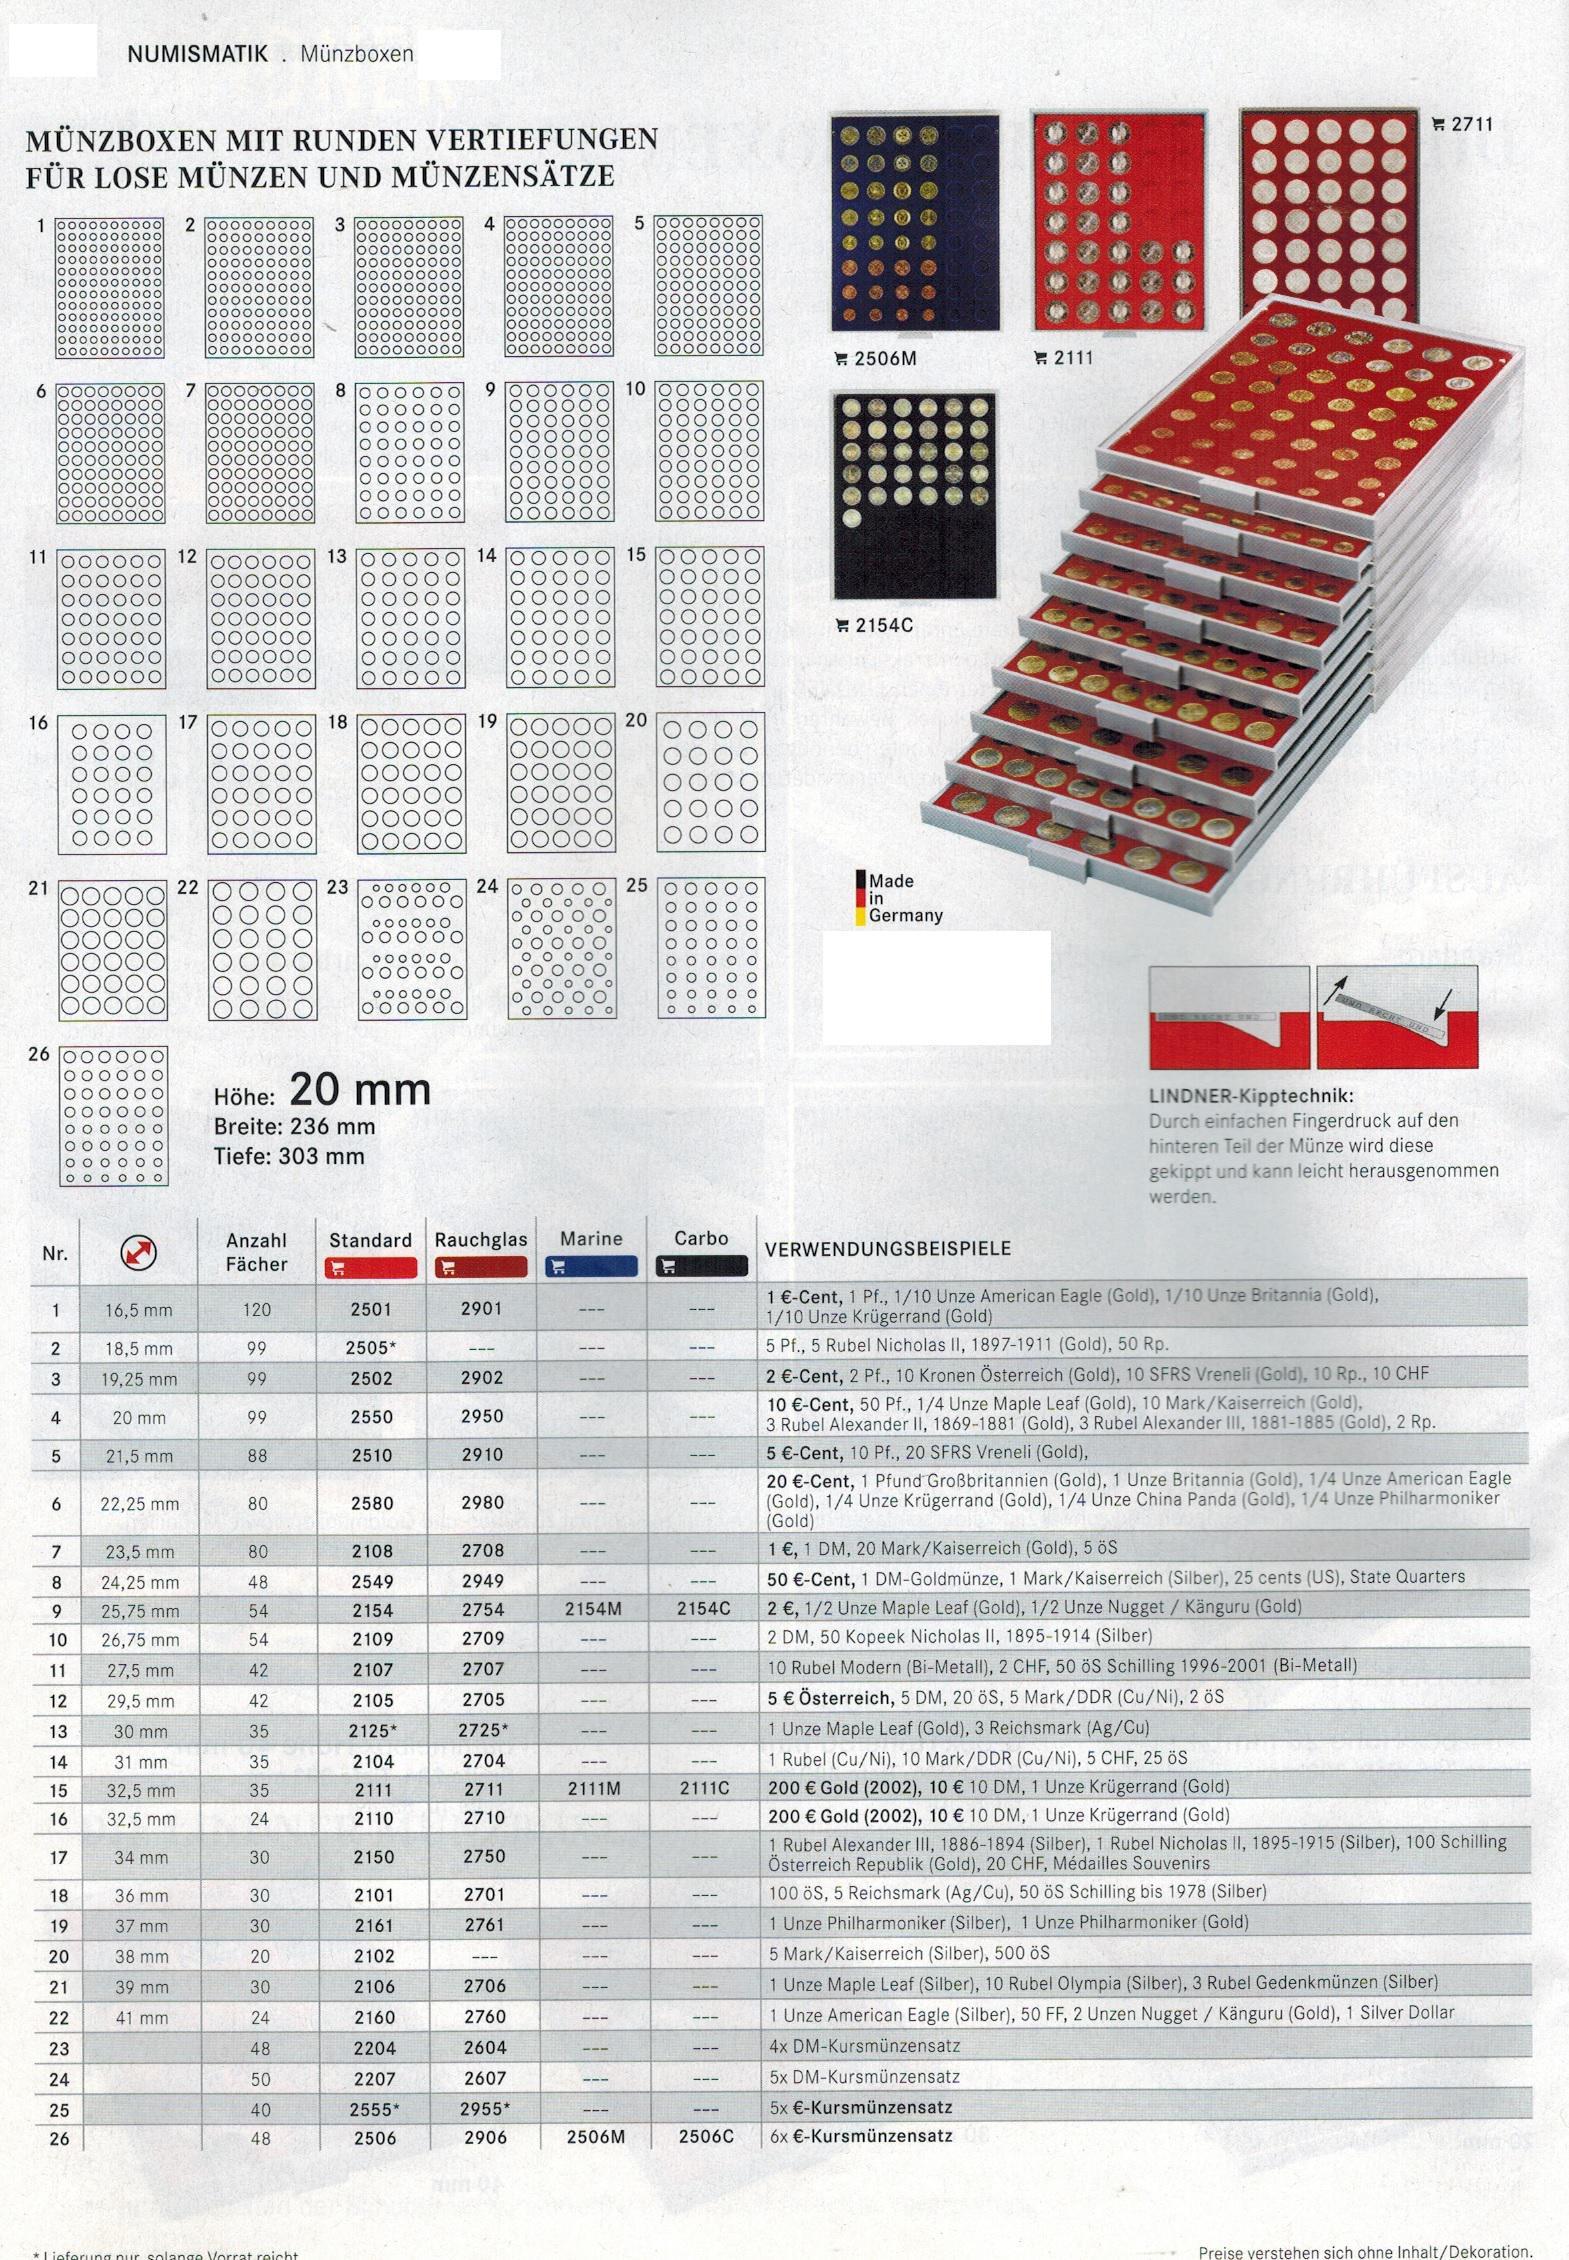 Lindner 2110 MÜnzboxen Münzbox Standard Grau 24 X 32, 5 Mm Ø 10 Dm ...